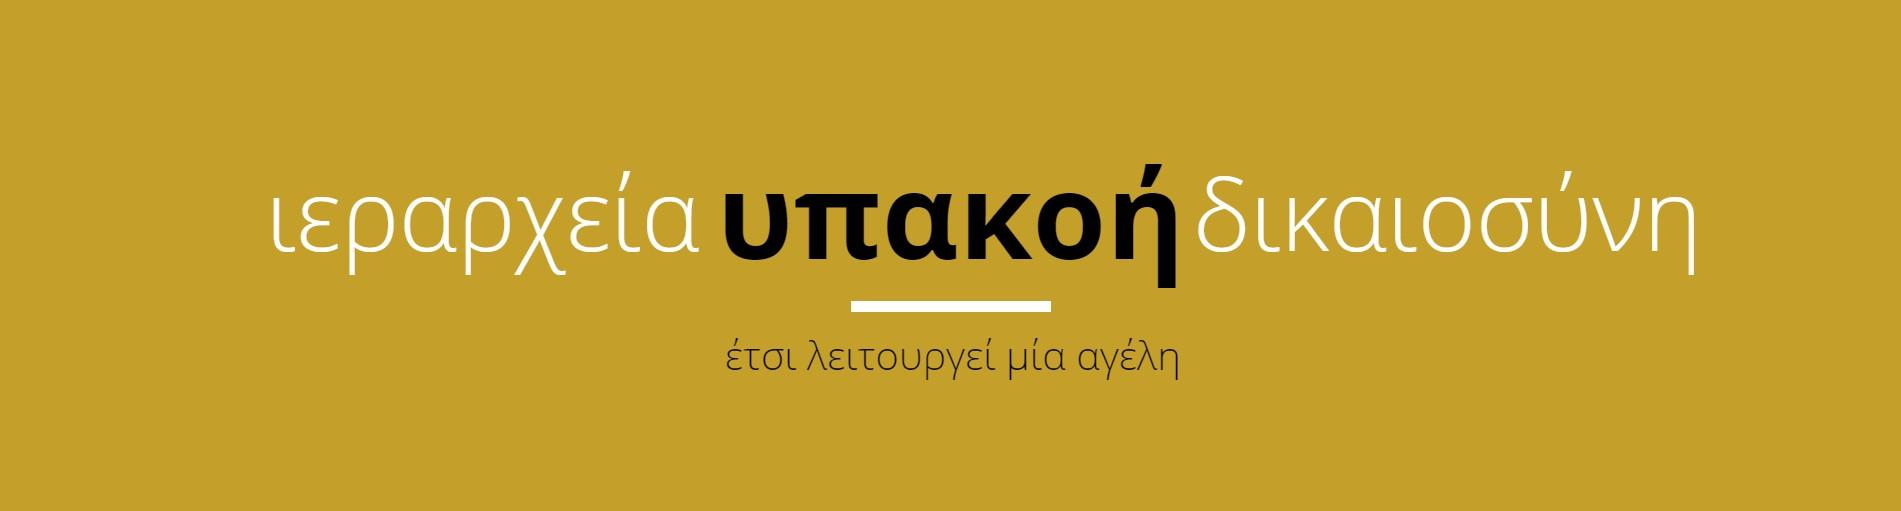 Εκπαίδευση σκύλων - Θεσσαλονίκη